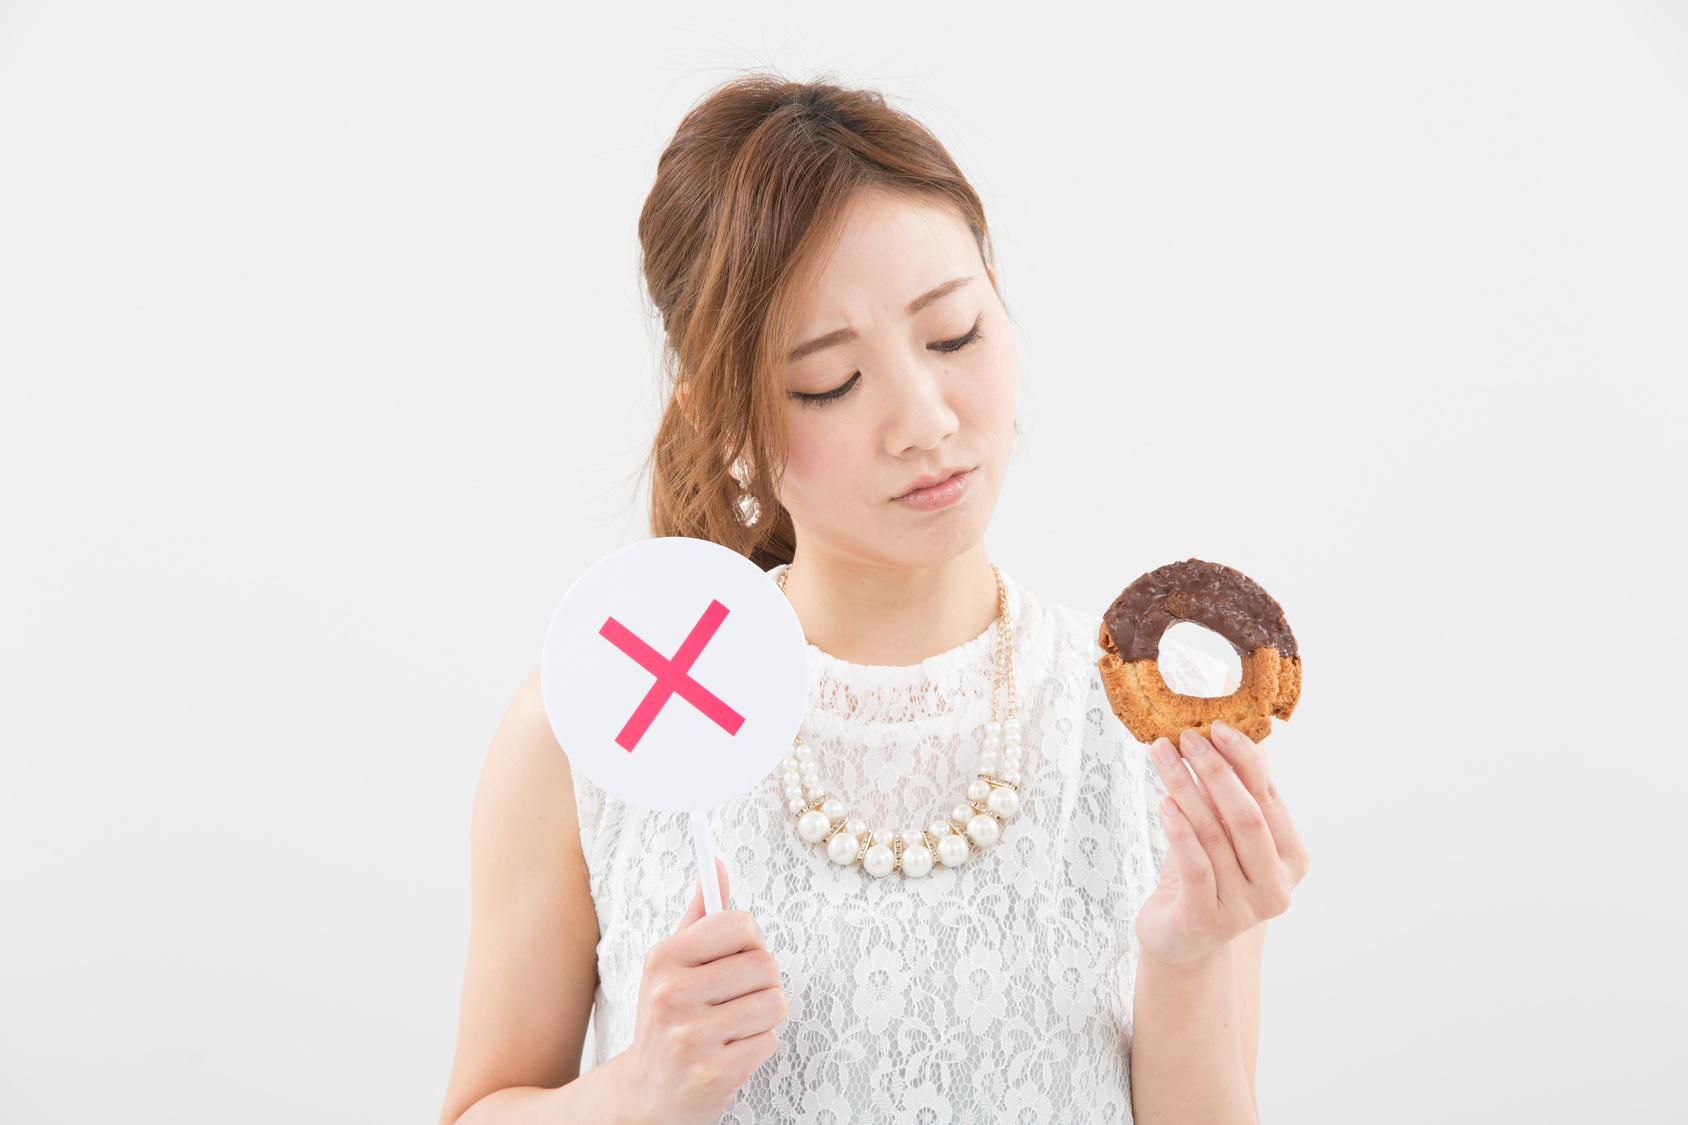 ドーナッツを持つ女性_澄江_20160817_Fotolia_107121061_Subscription_Monthly_M